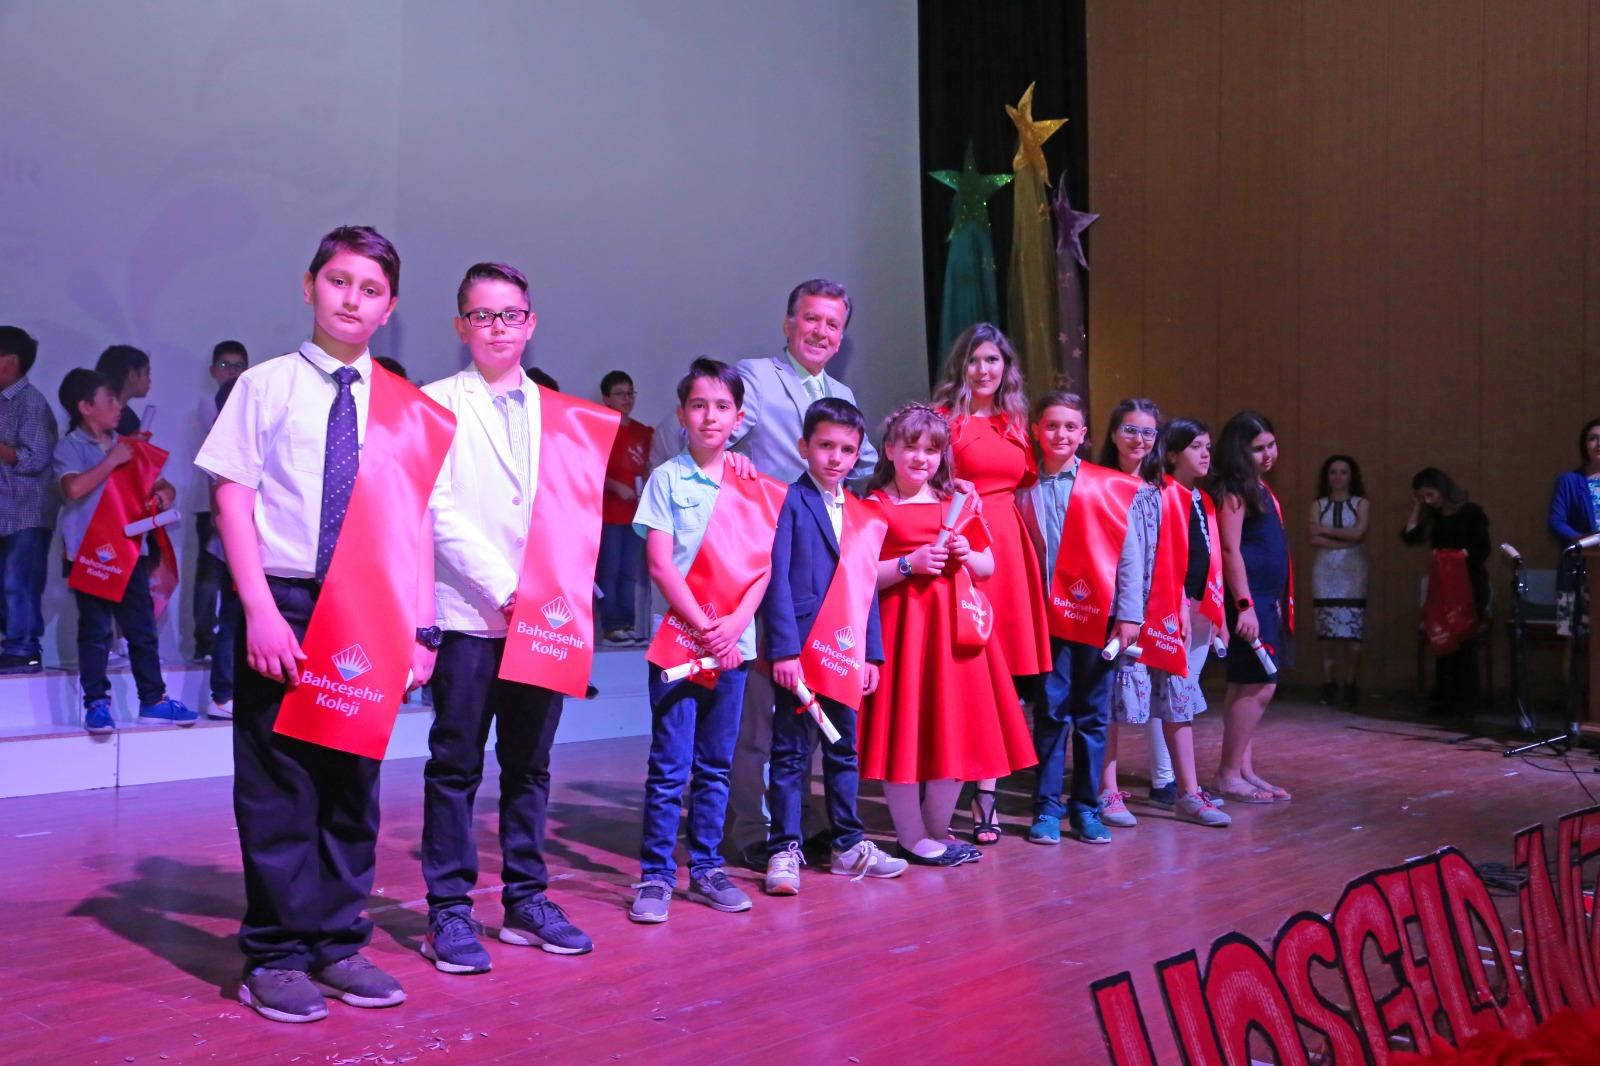 Bahçeşehir Koleji İlkokulu'ndan coşkulu mezuniyet